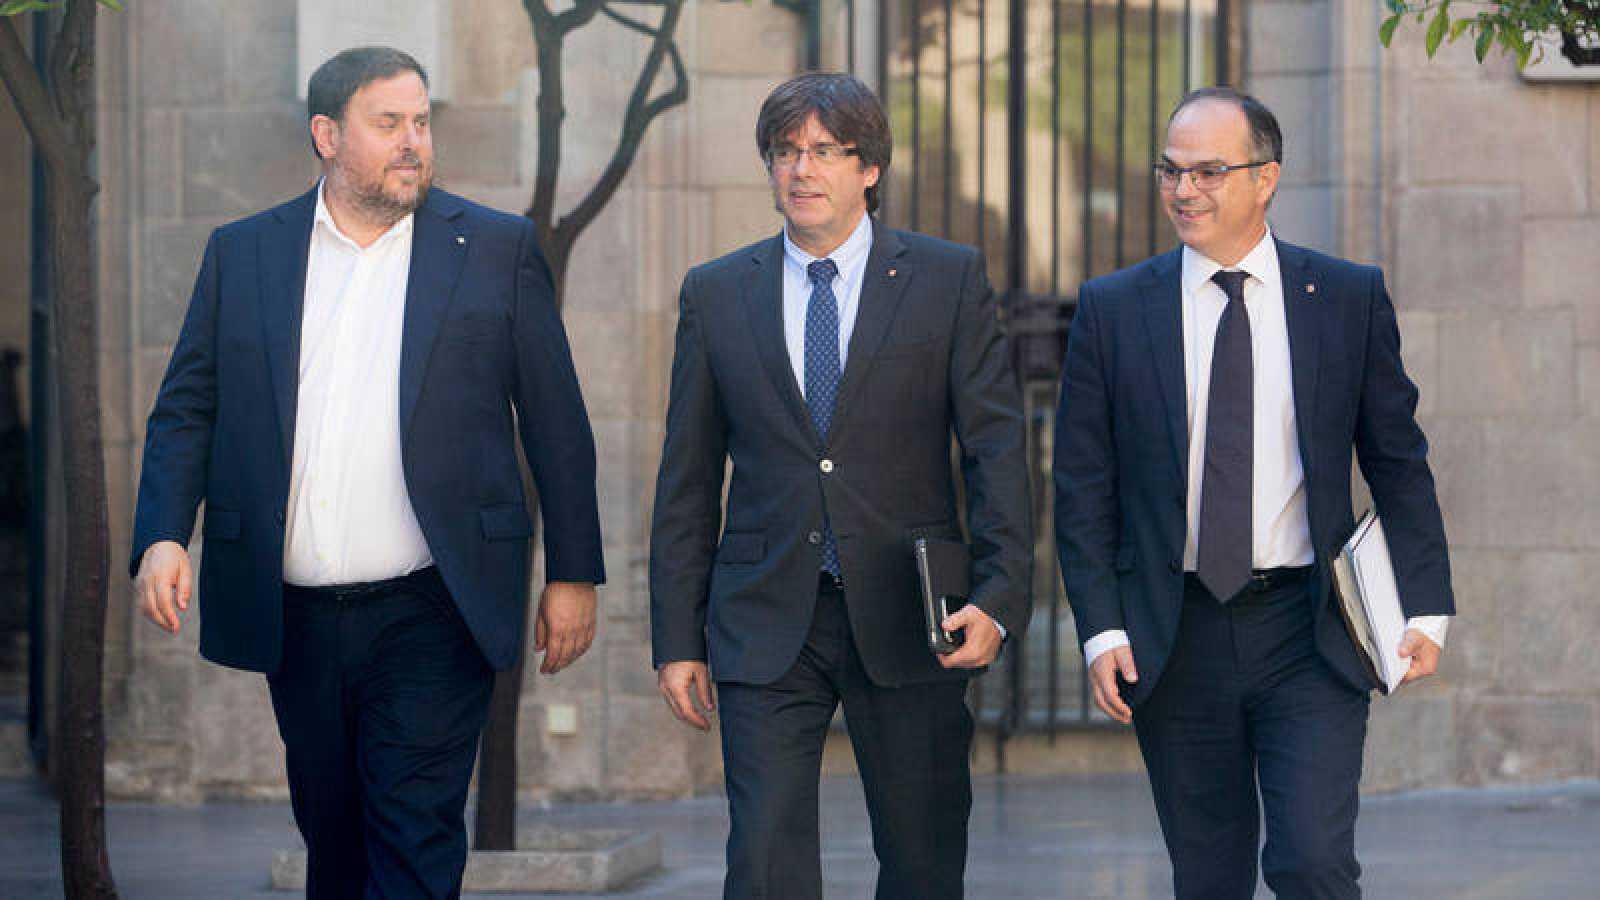 El presidente de la Generalitat, Carles Puigdemont junto al vicepresidente y conseller de Economía, Oriol Junqueras  y el conseller de la Presidencia, Jordi Turull (d)